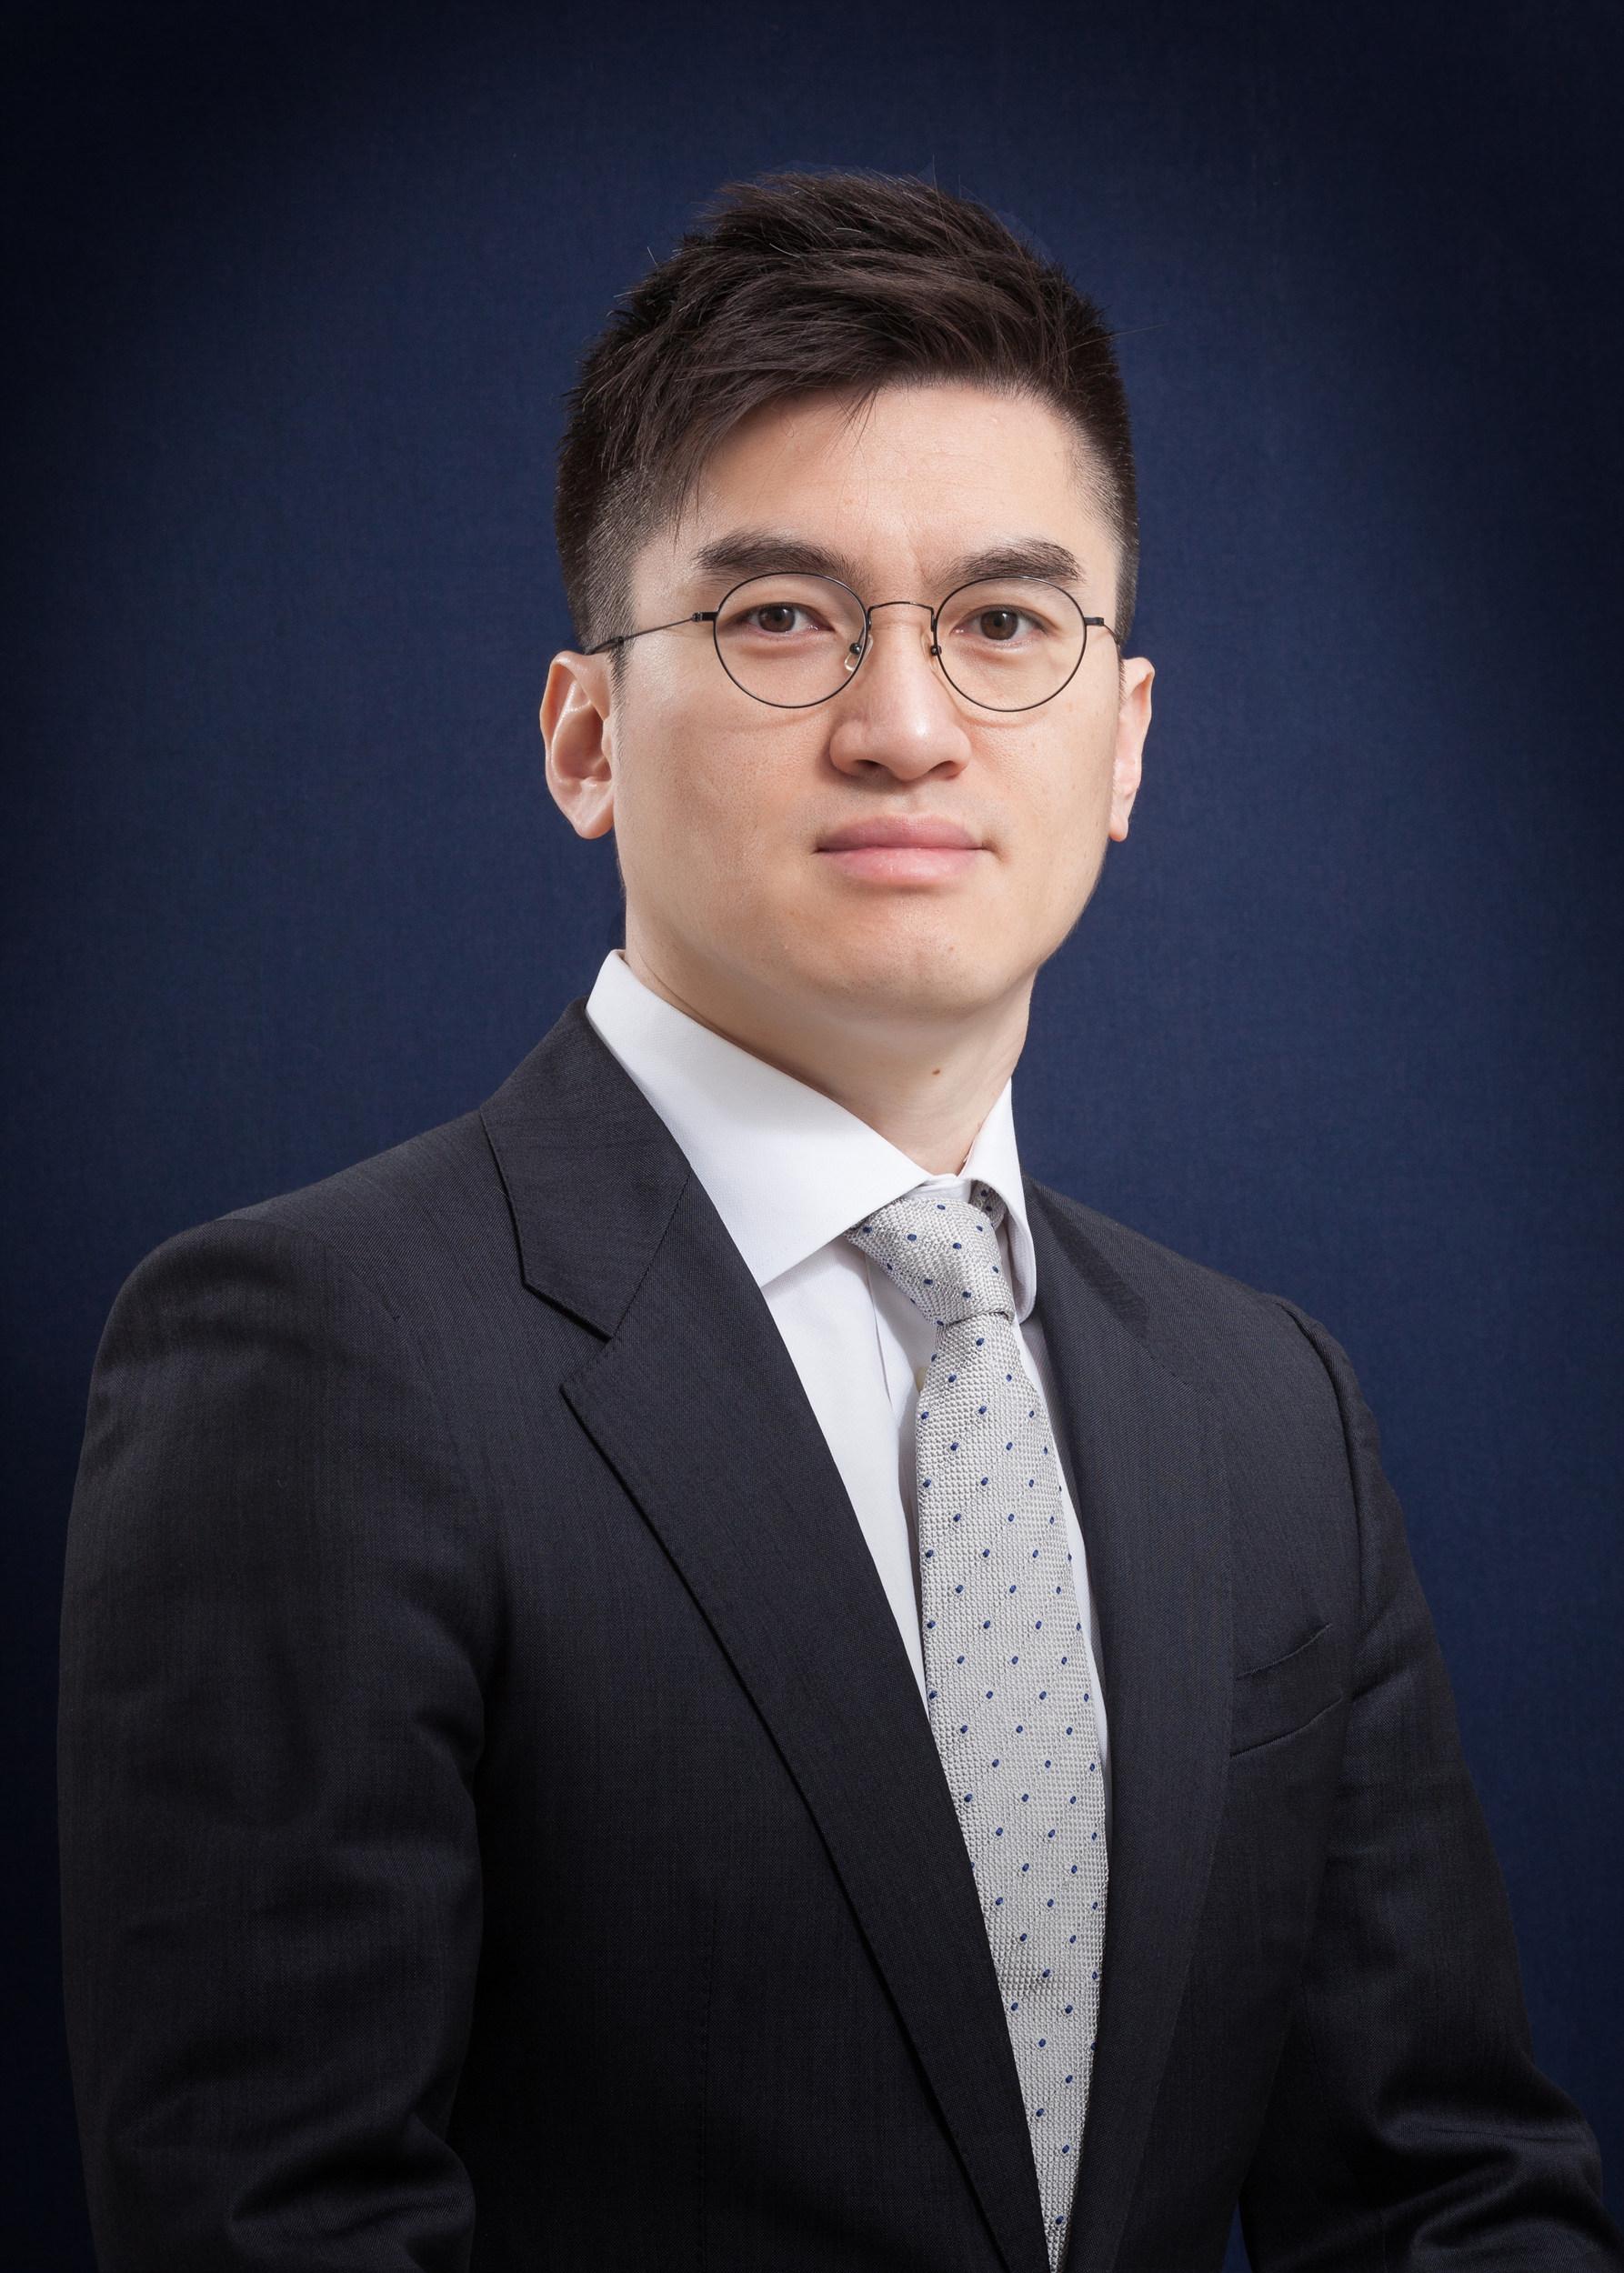 노무법인 휴머스<br/>김영택 대표